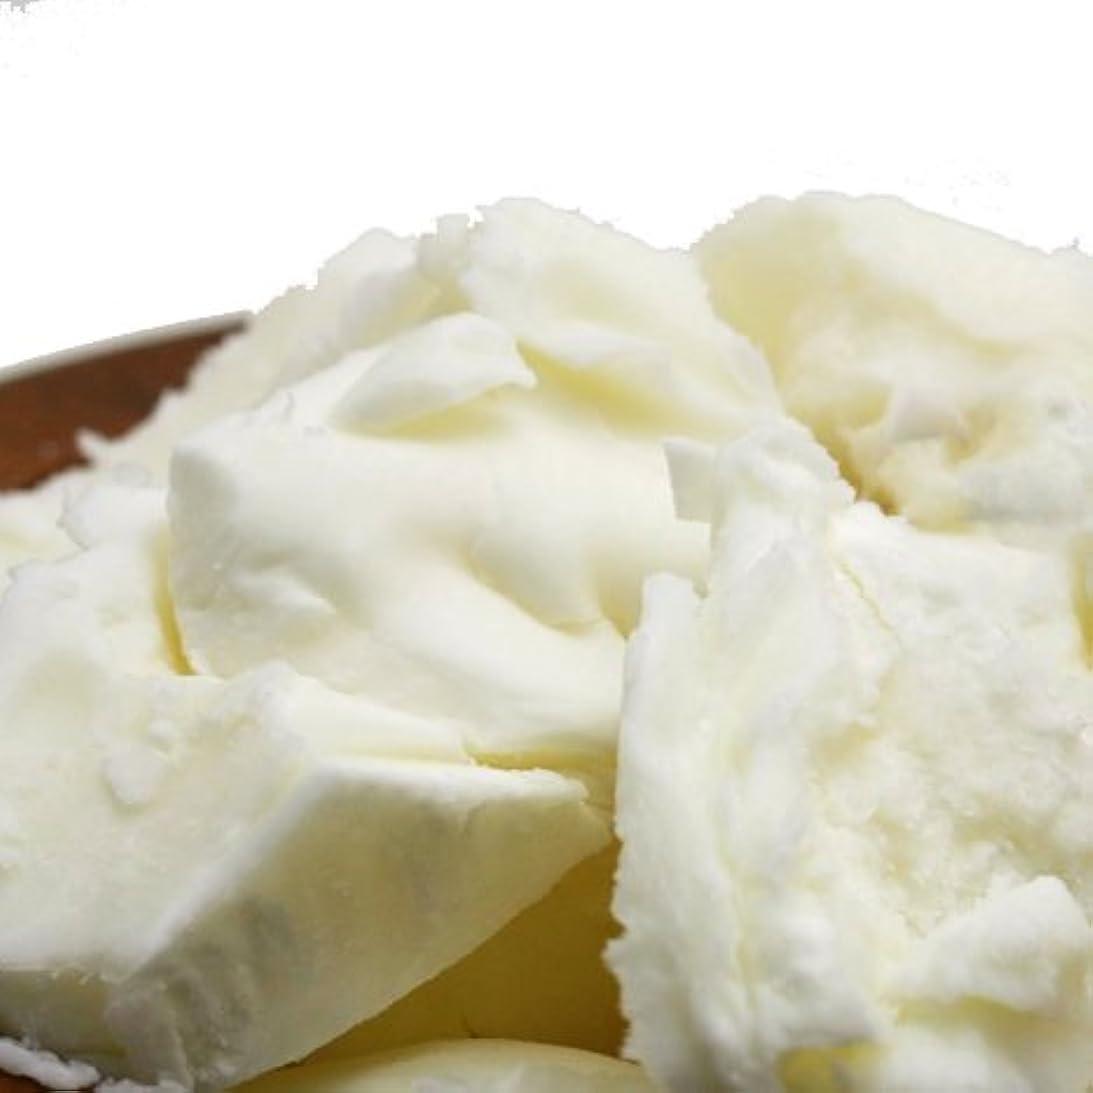 予定不適意図する精製シアバター 500g シア脂 【手作り石鹸/手作りコスメ/手作り化粧品】